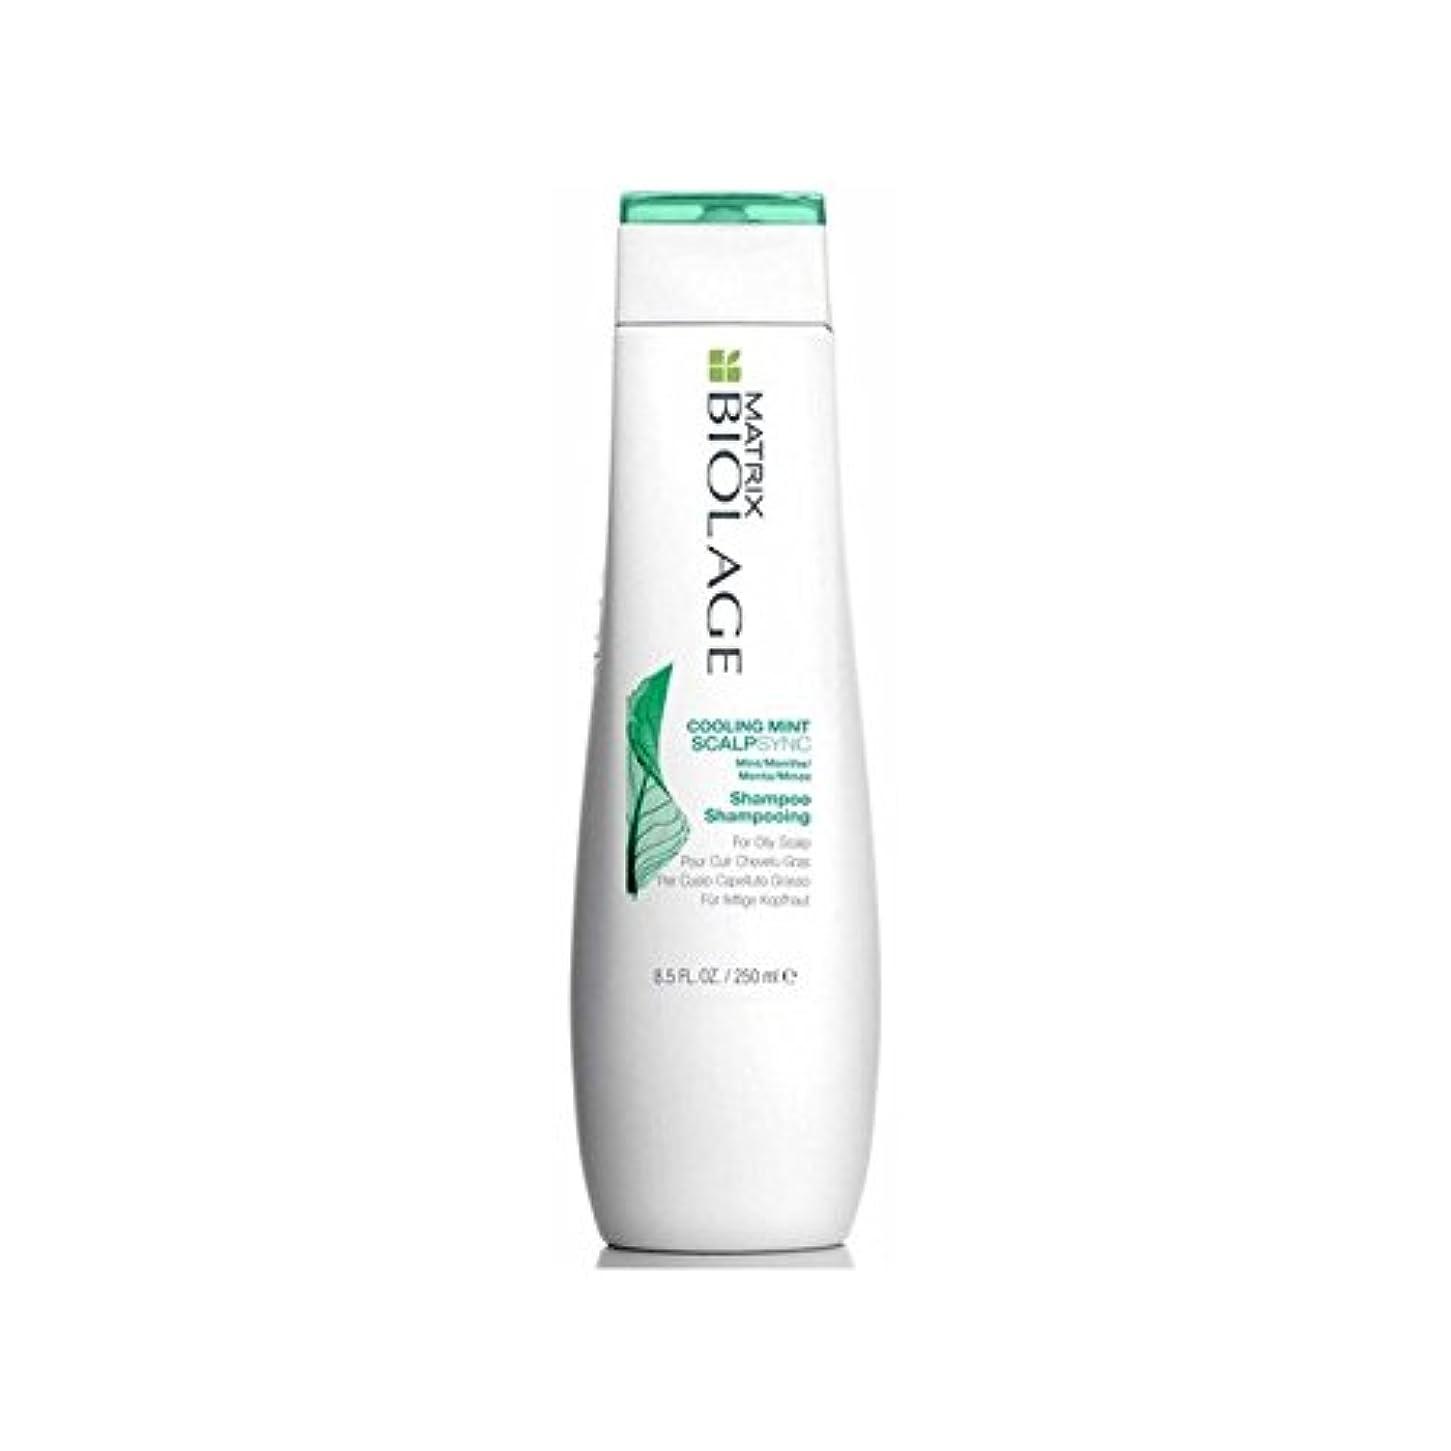 ドラゴン何クランプMatrix Biolage Scalptherapie Scalp Cooling Mint Shampoo (250ml) (Pack of 6) - ミントシャンプー(250ミリリットル)を冷却マトリックスバイオレイジ...